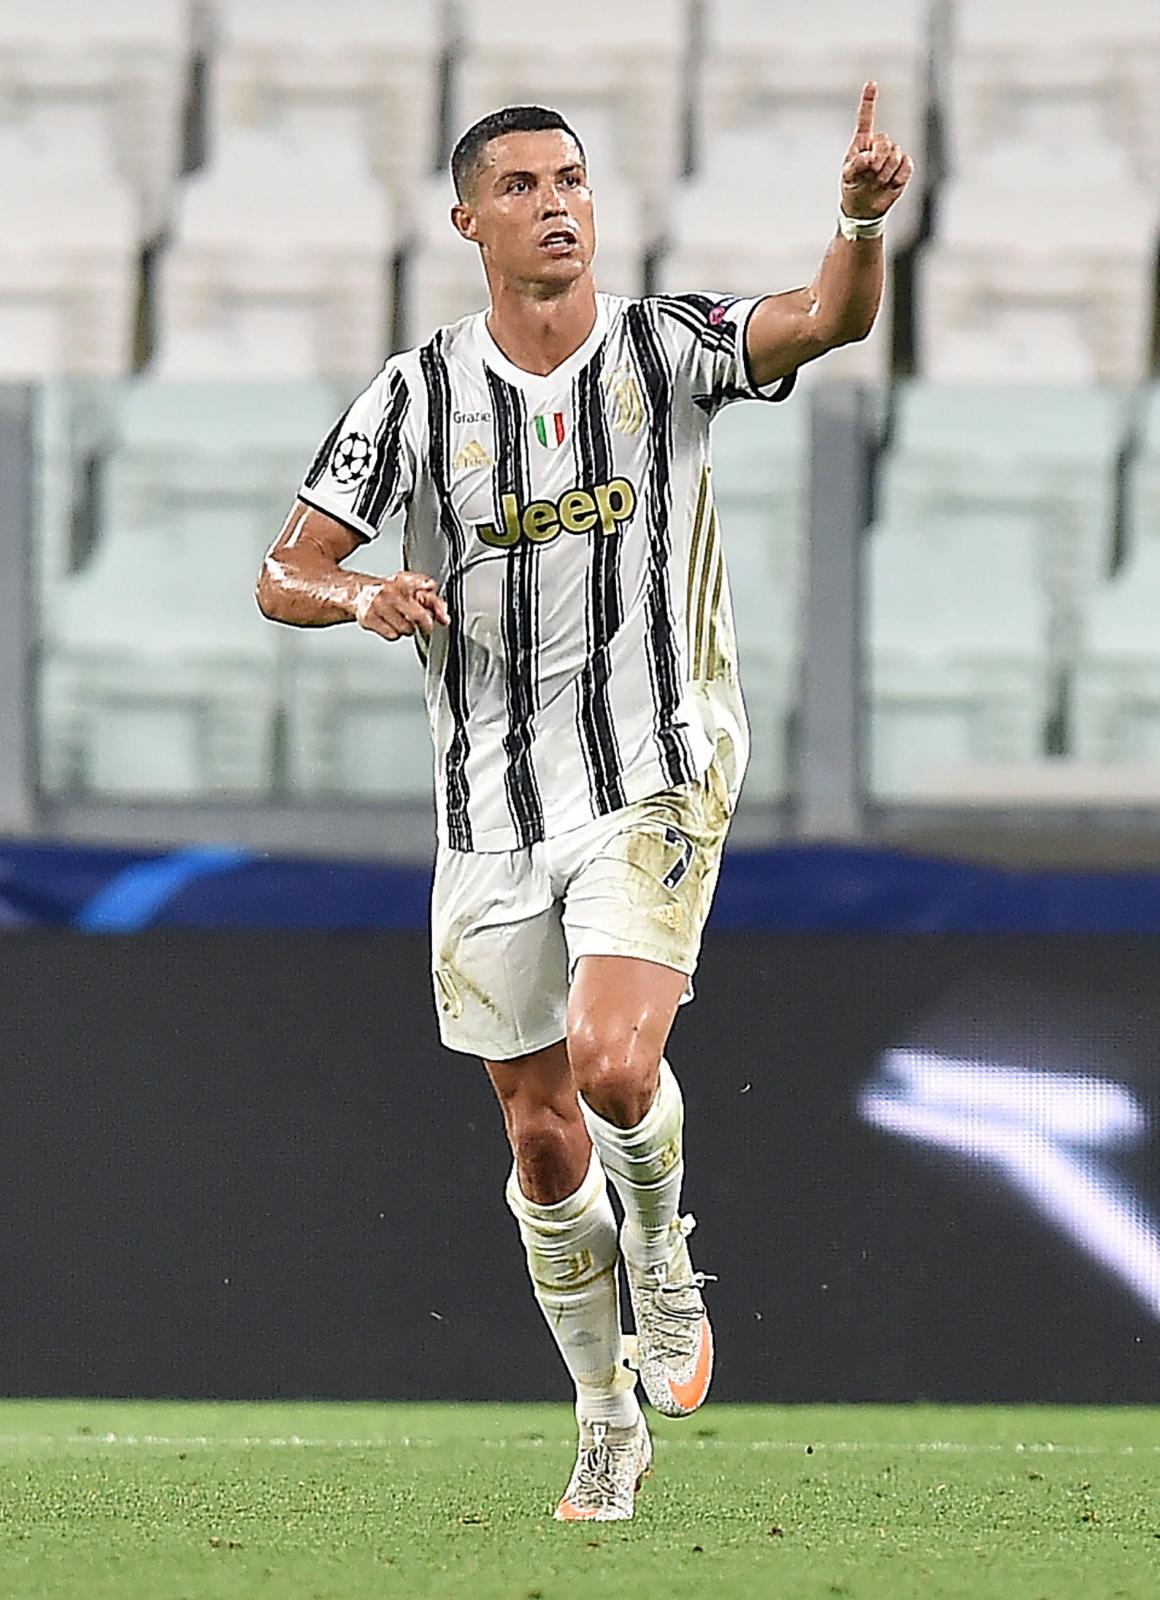 """Liga Mistrzów. Juventus rozczarował i odpadł z rozgrywek. """"Świetny Cristiano Ronaldo to za mało"""" - Sport WP SportoweFakty"""